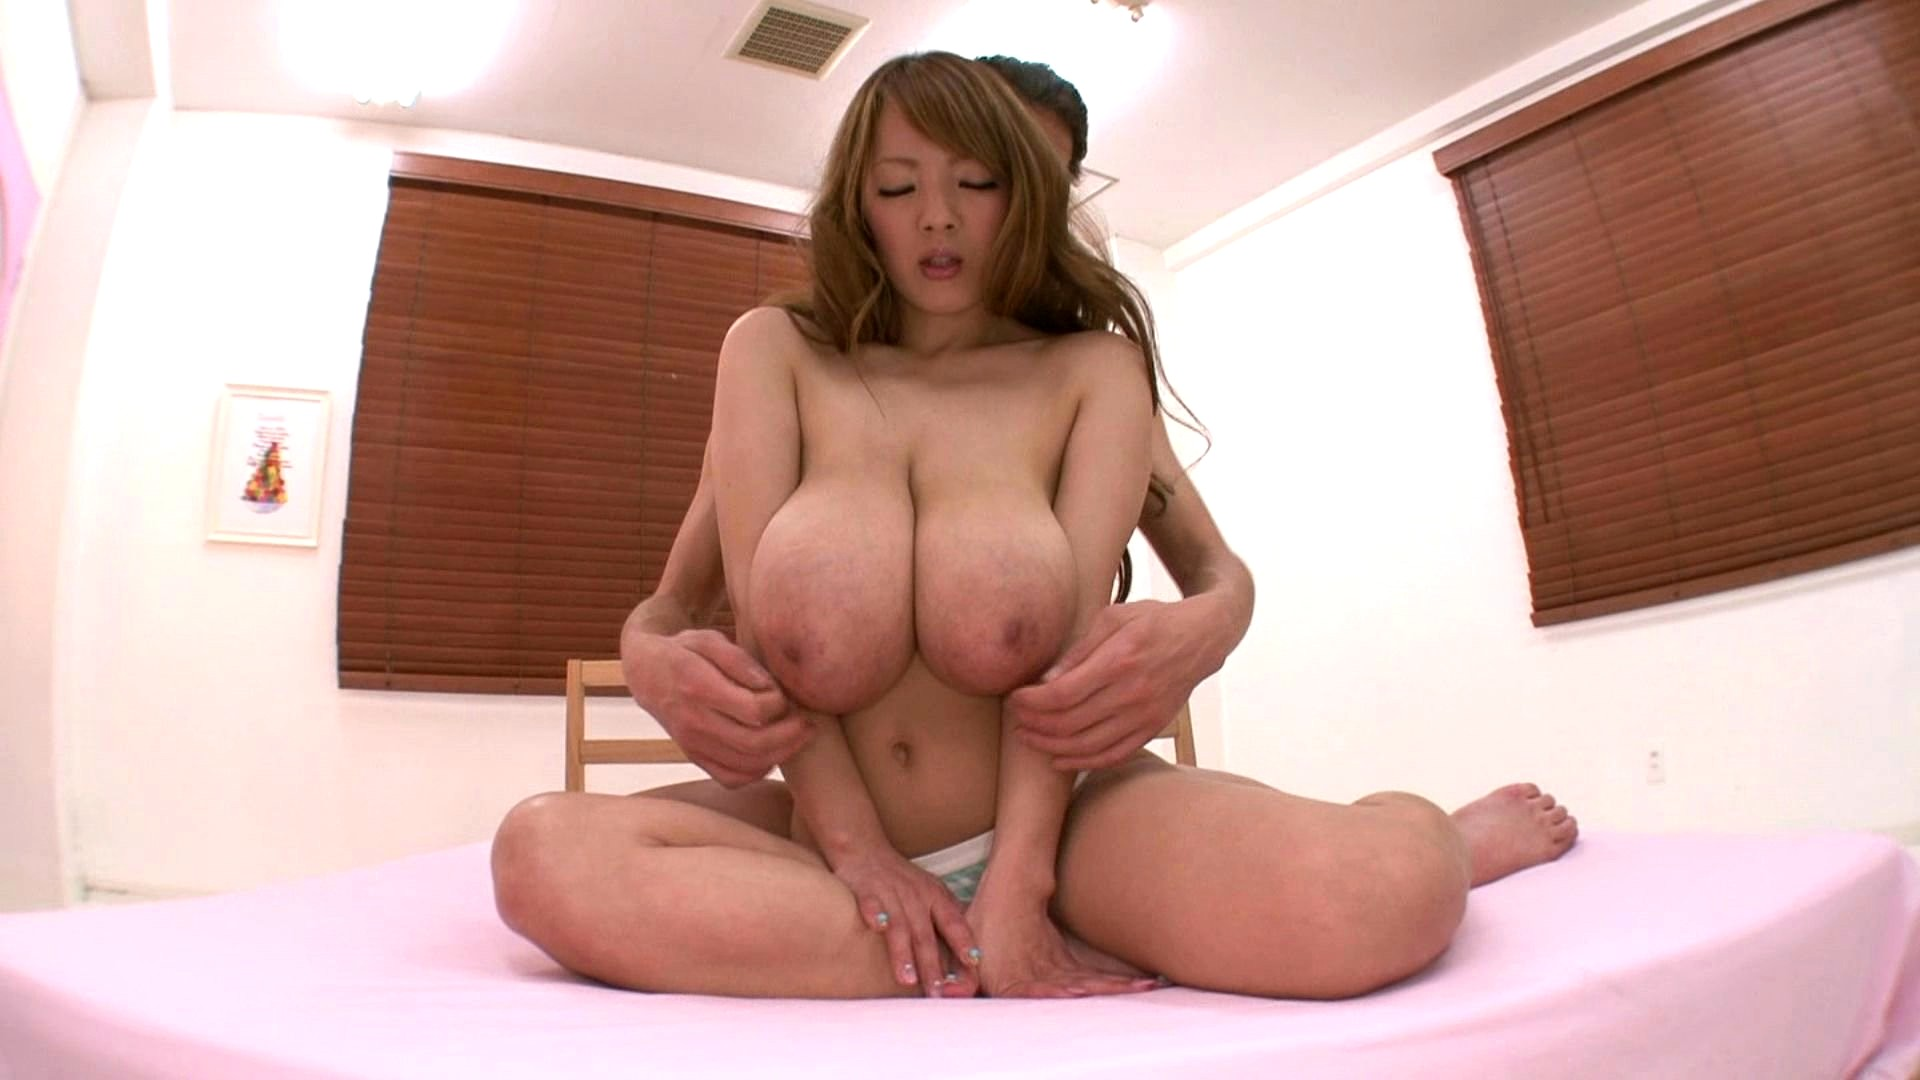 Жесткое порево японки с большими грудями — img 3